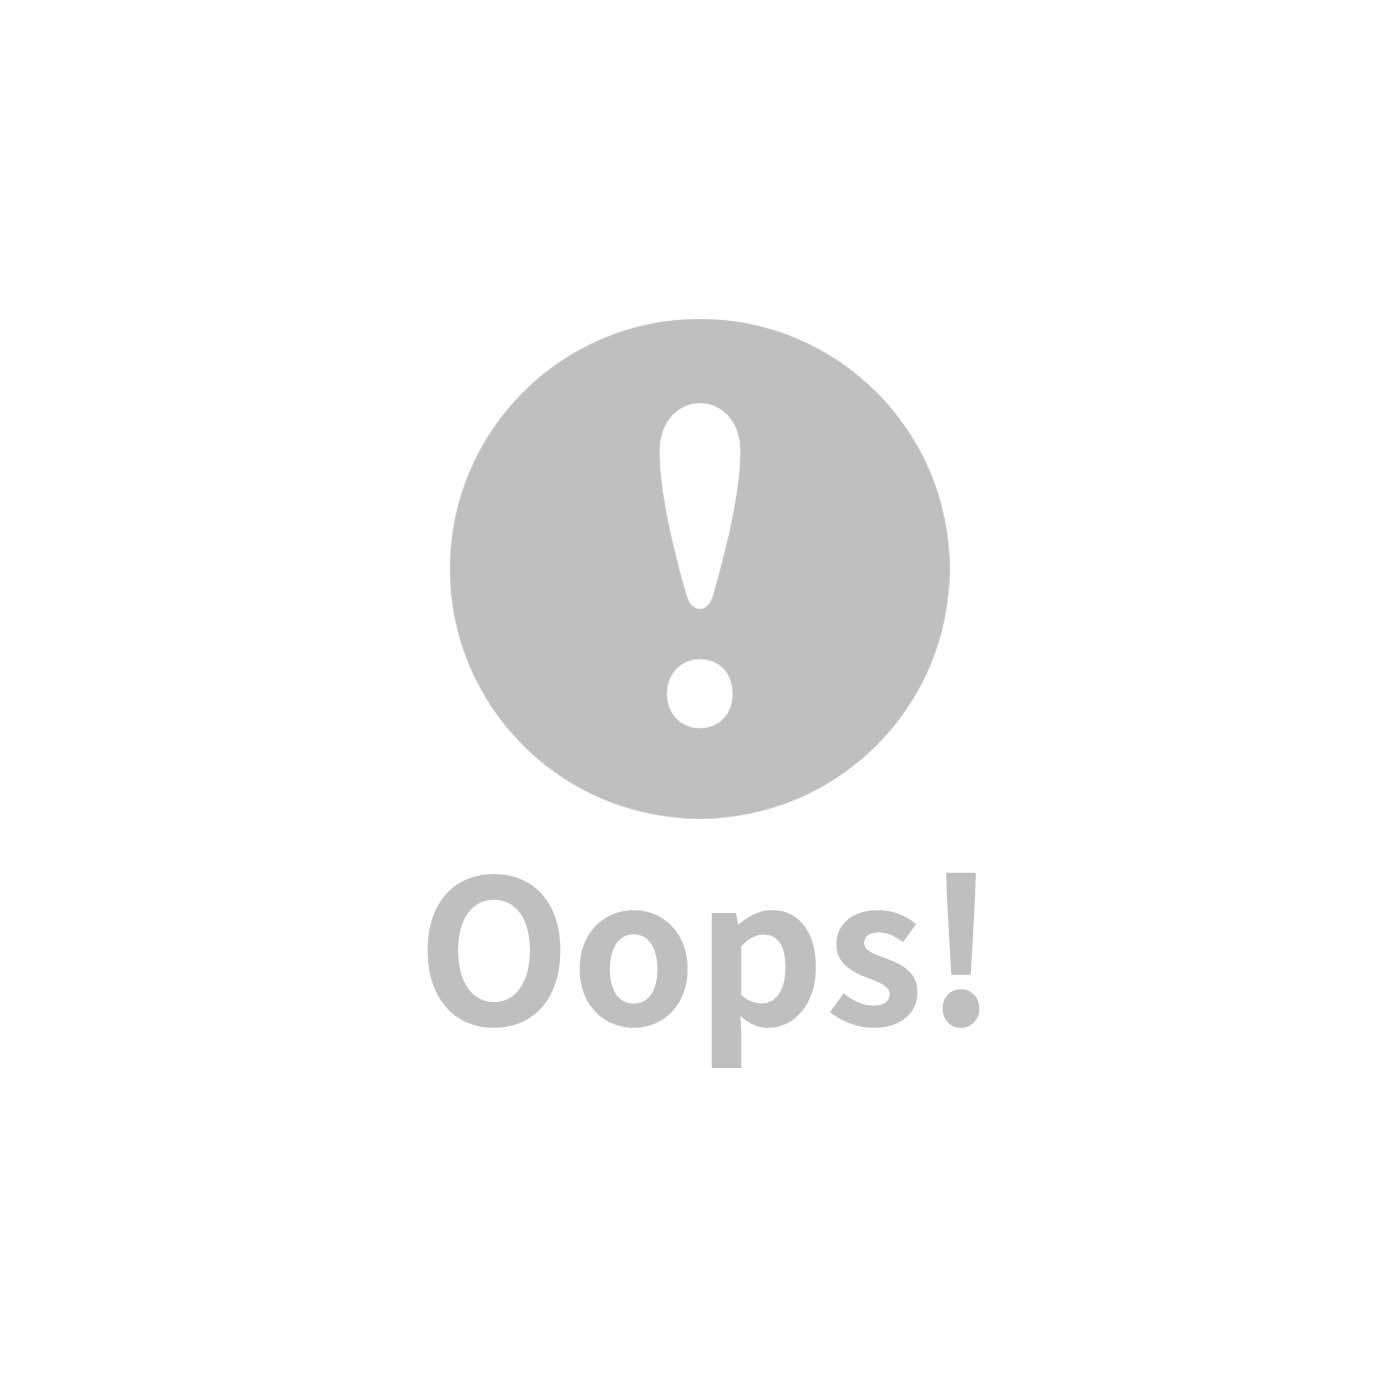 Kinderfeets 美國木製平衡滑步車/教具車-初心者收藏家系列 (灰騎士)